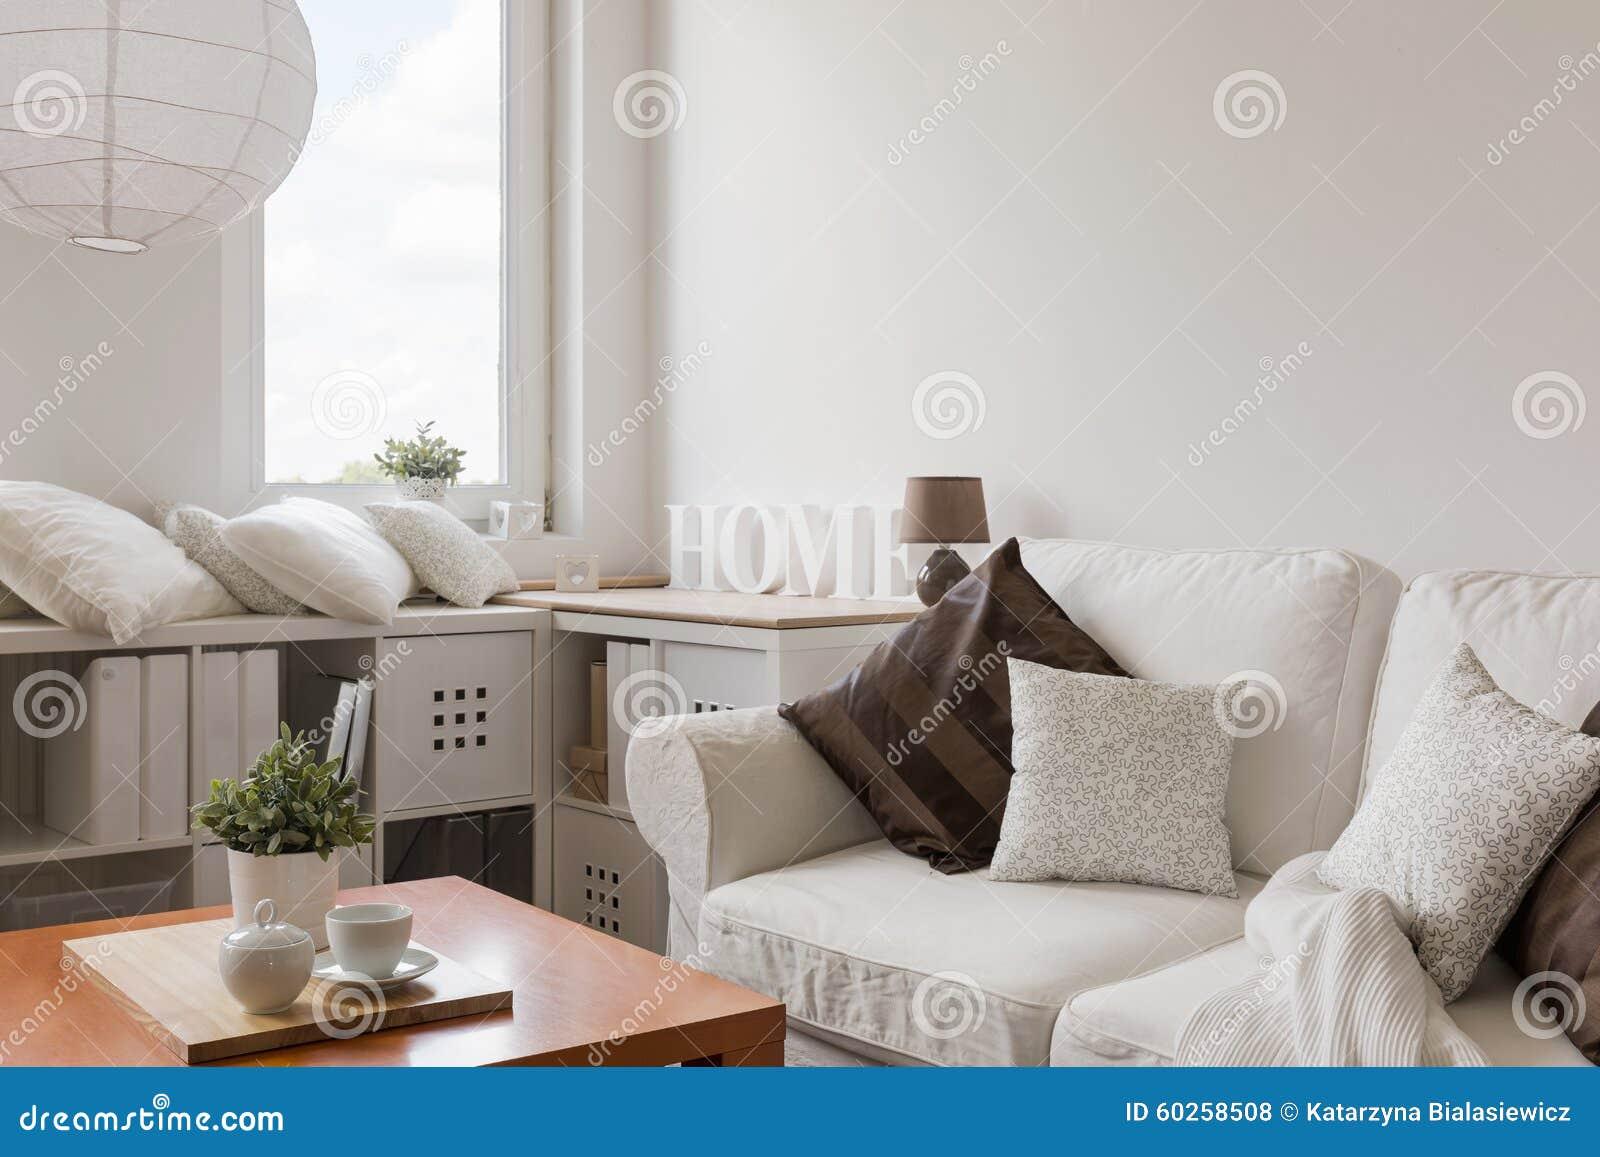 Meubles Blancs Dans Le Salon Contemporain Photo Stock Image Du  # Meubles Blancs Contemporain Salon